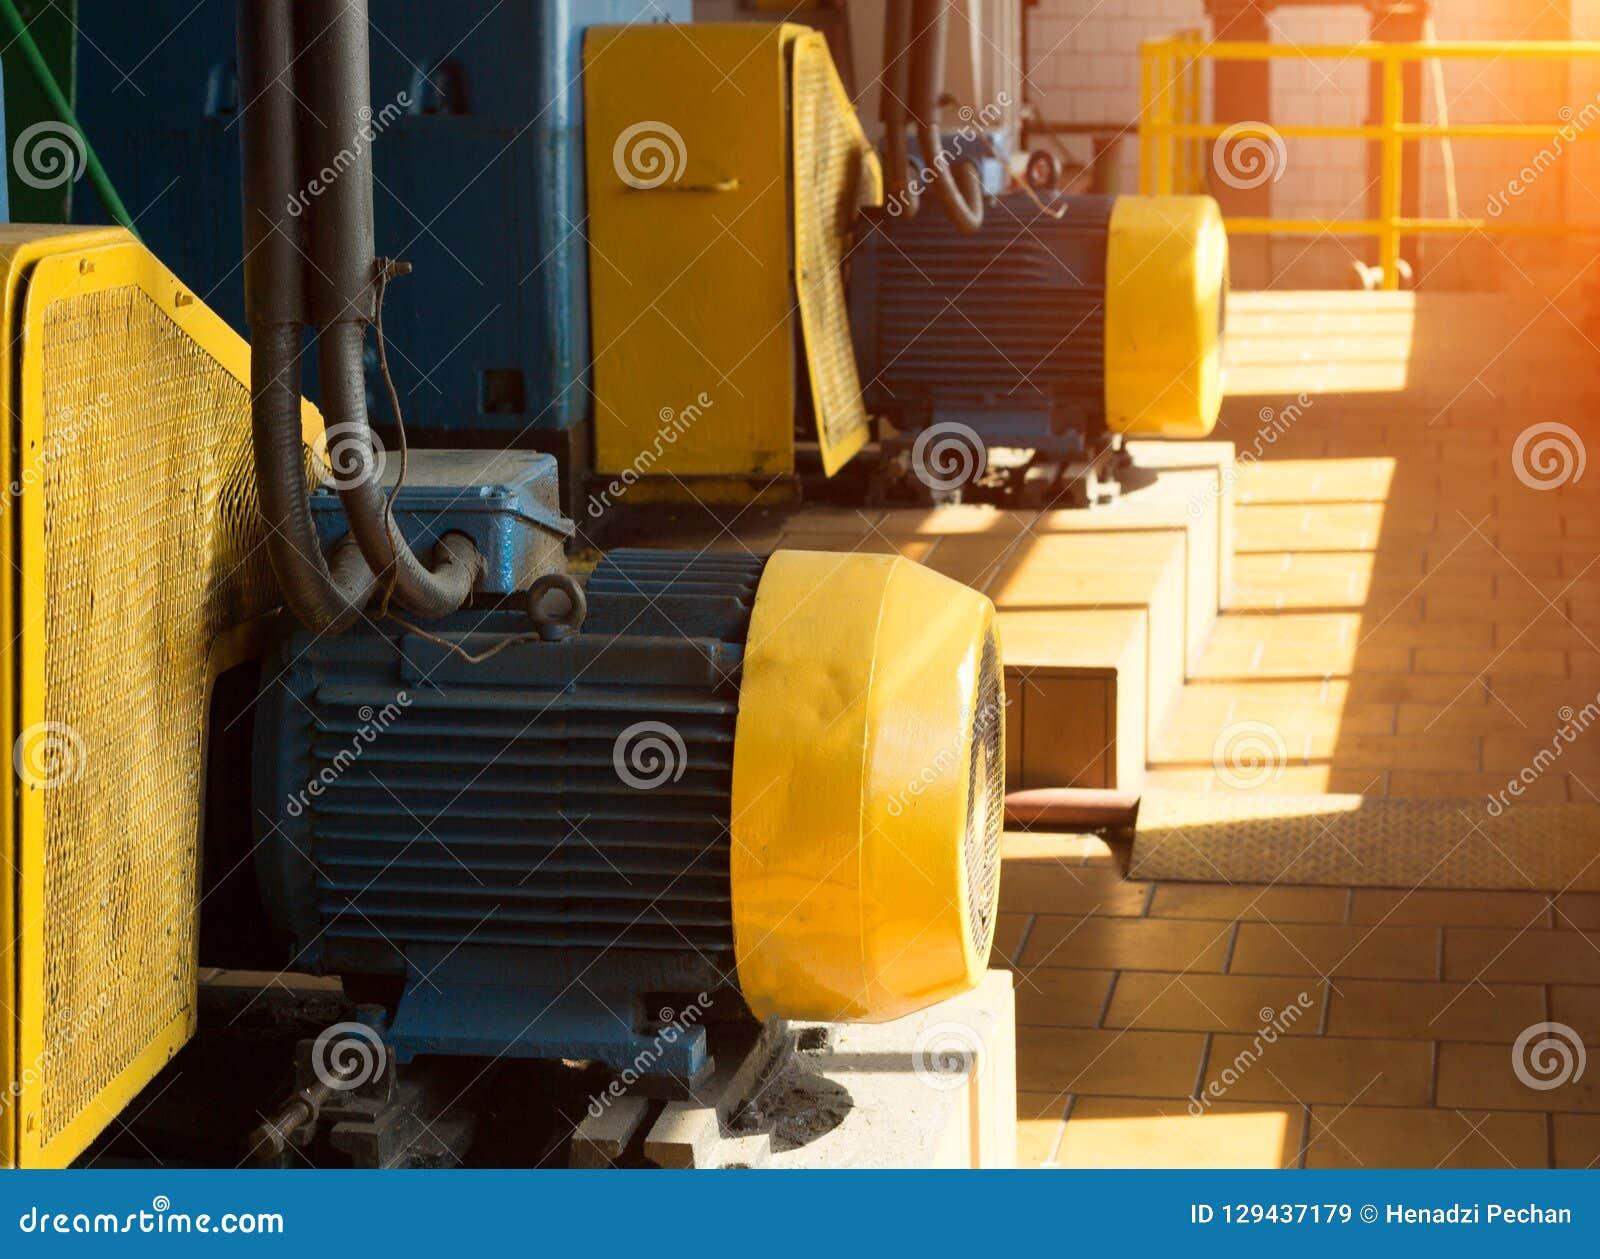 Δύο μεγάλοι ηλεκτρικοί κινητήρες στο εργαστήριο παραγωγής, στα πλαίσια του φωτός του ήλιου, ηλεκτρικός κινητήρας